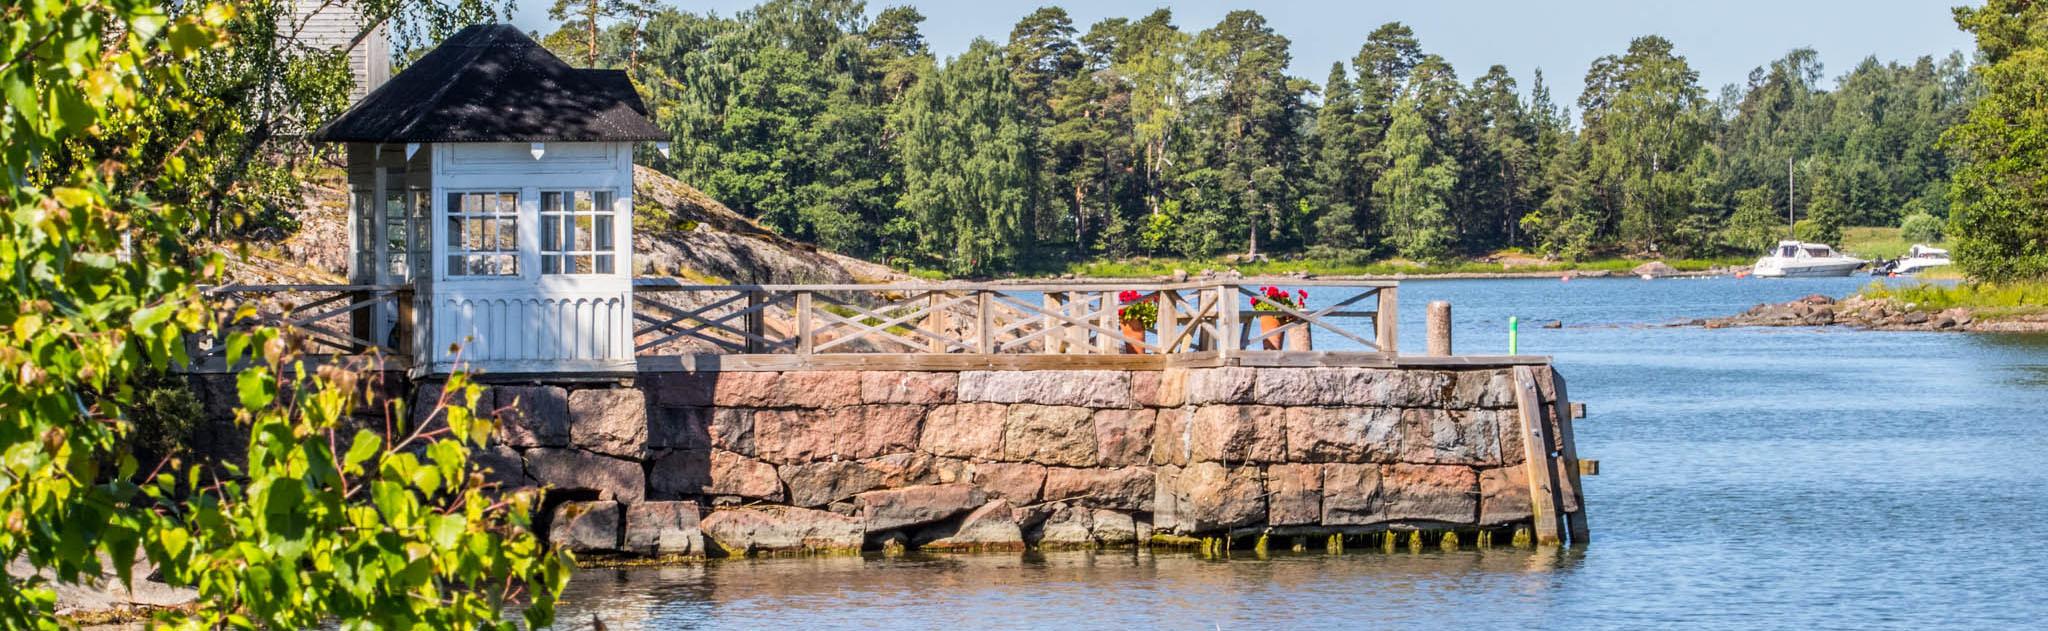 En liten brygga vid havet i den sommarliga och solskinnande Esbo skärgård.